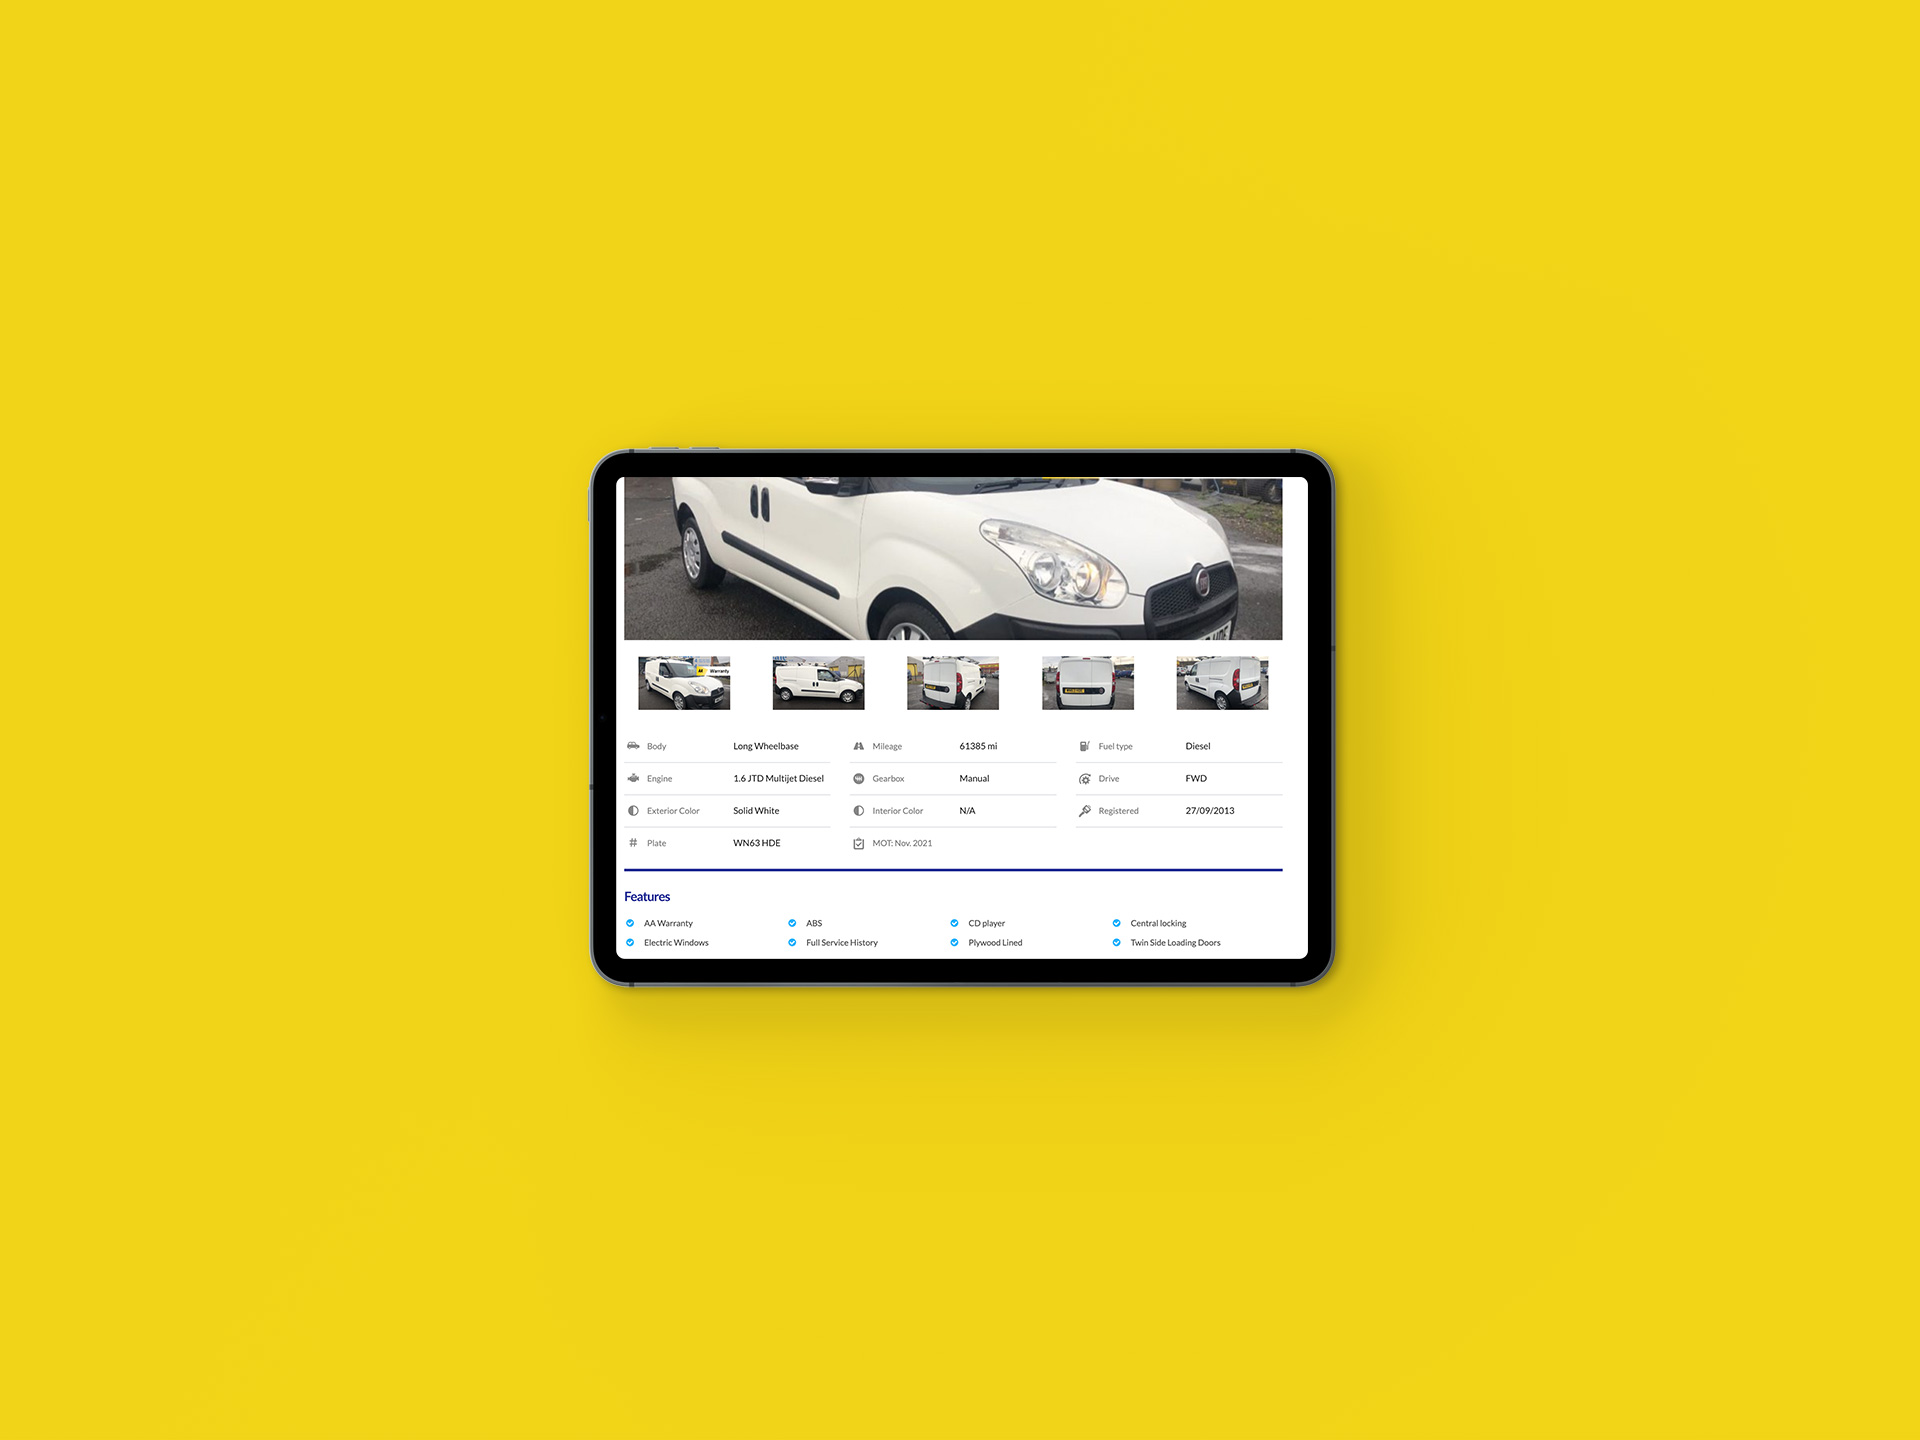 Vanz4sale Showroom iPad Details